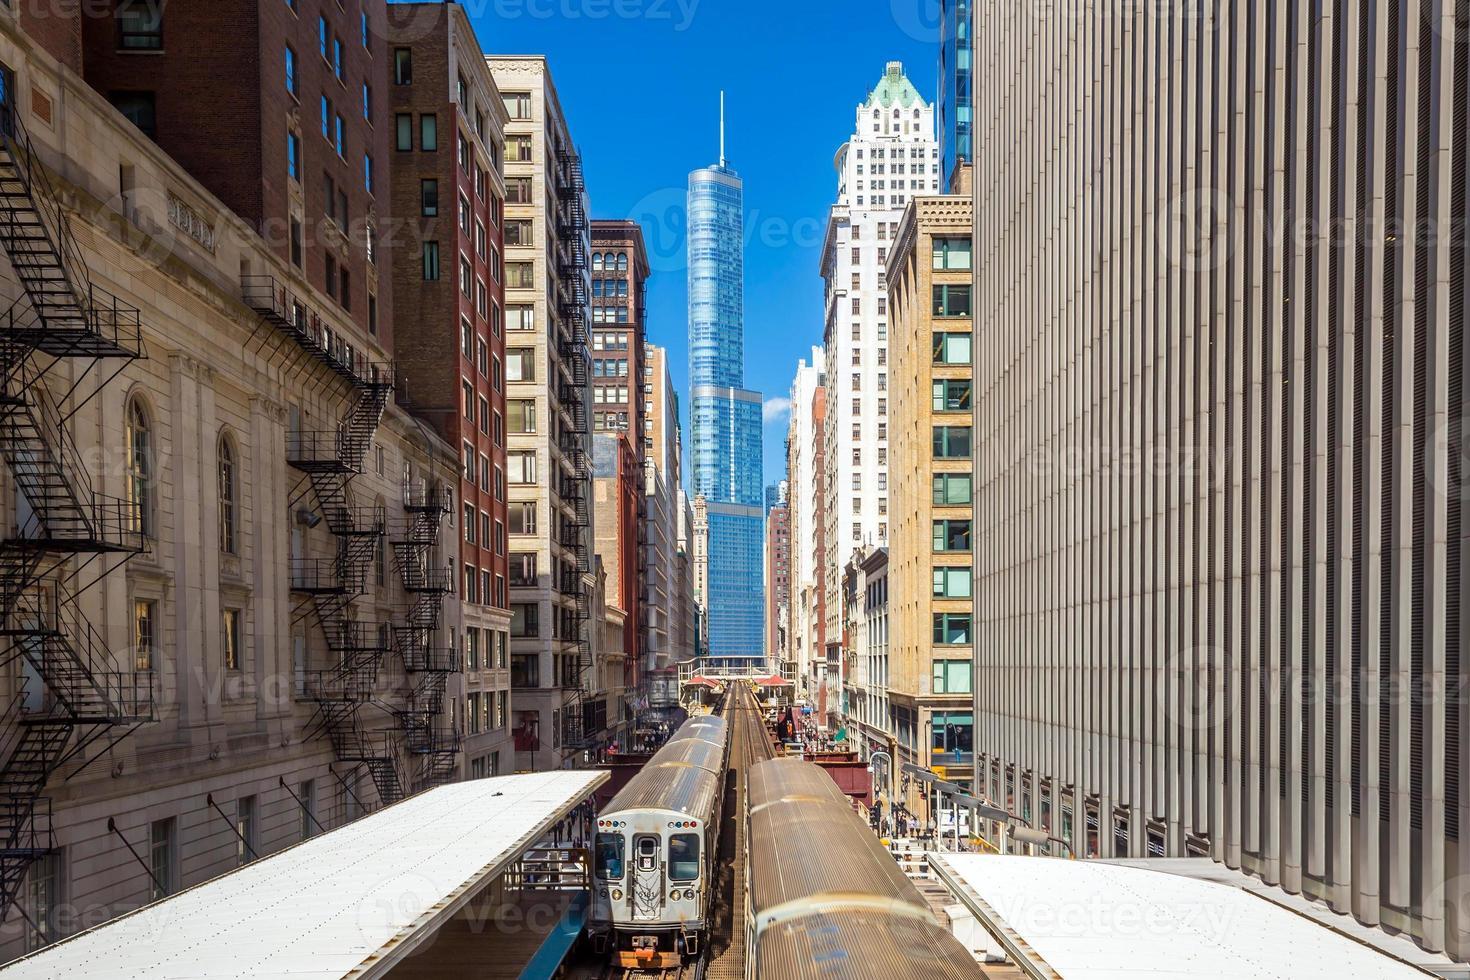 Zug in der Innenstadt von Chicago il foto